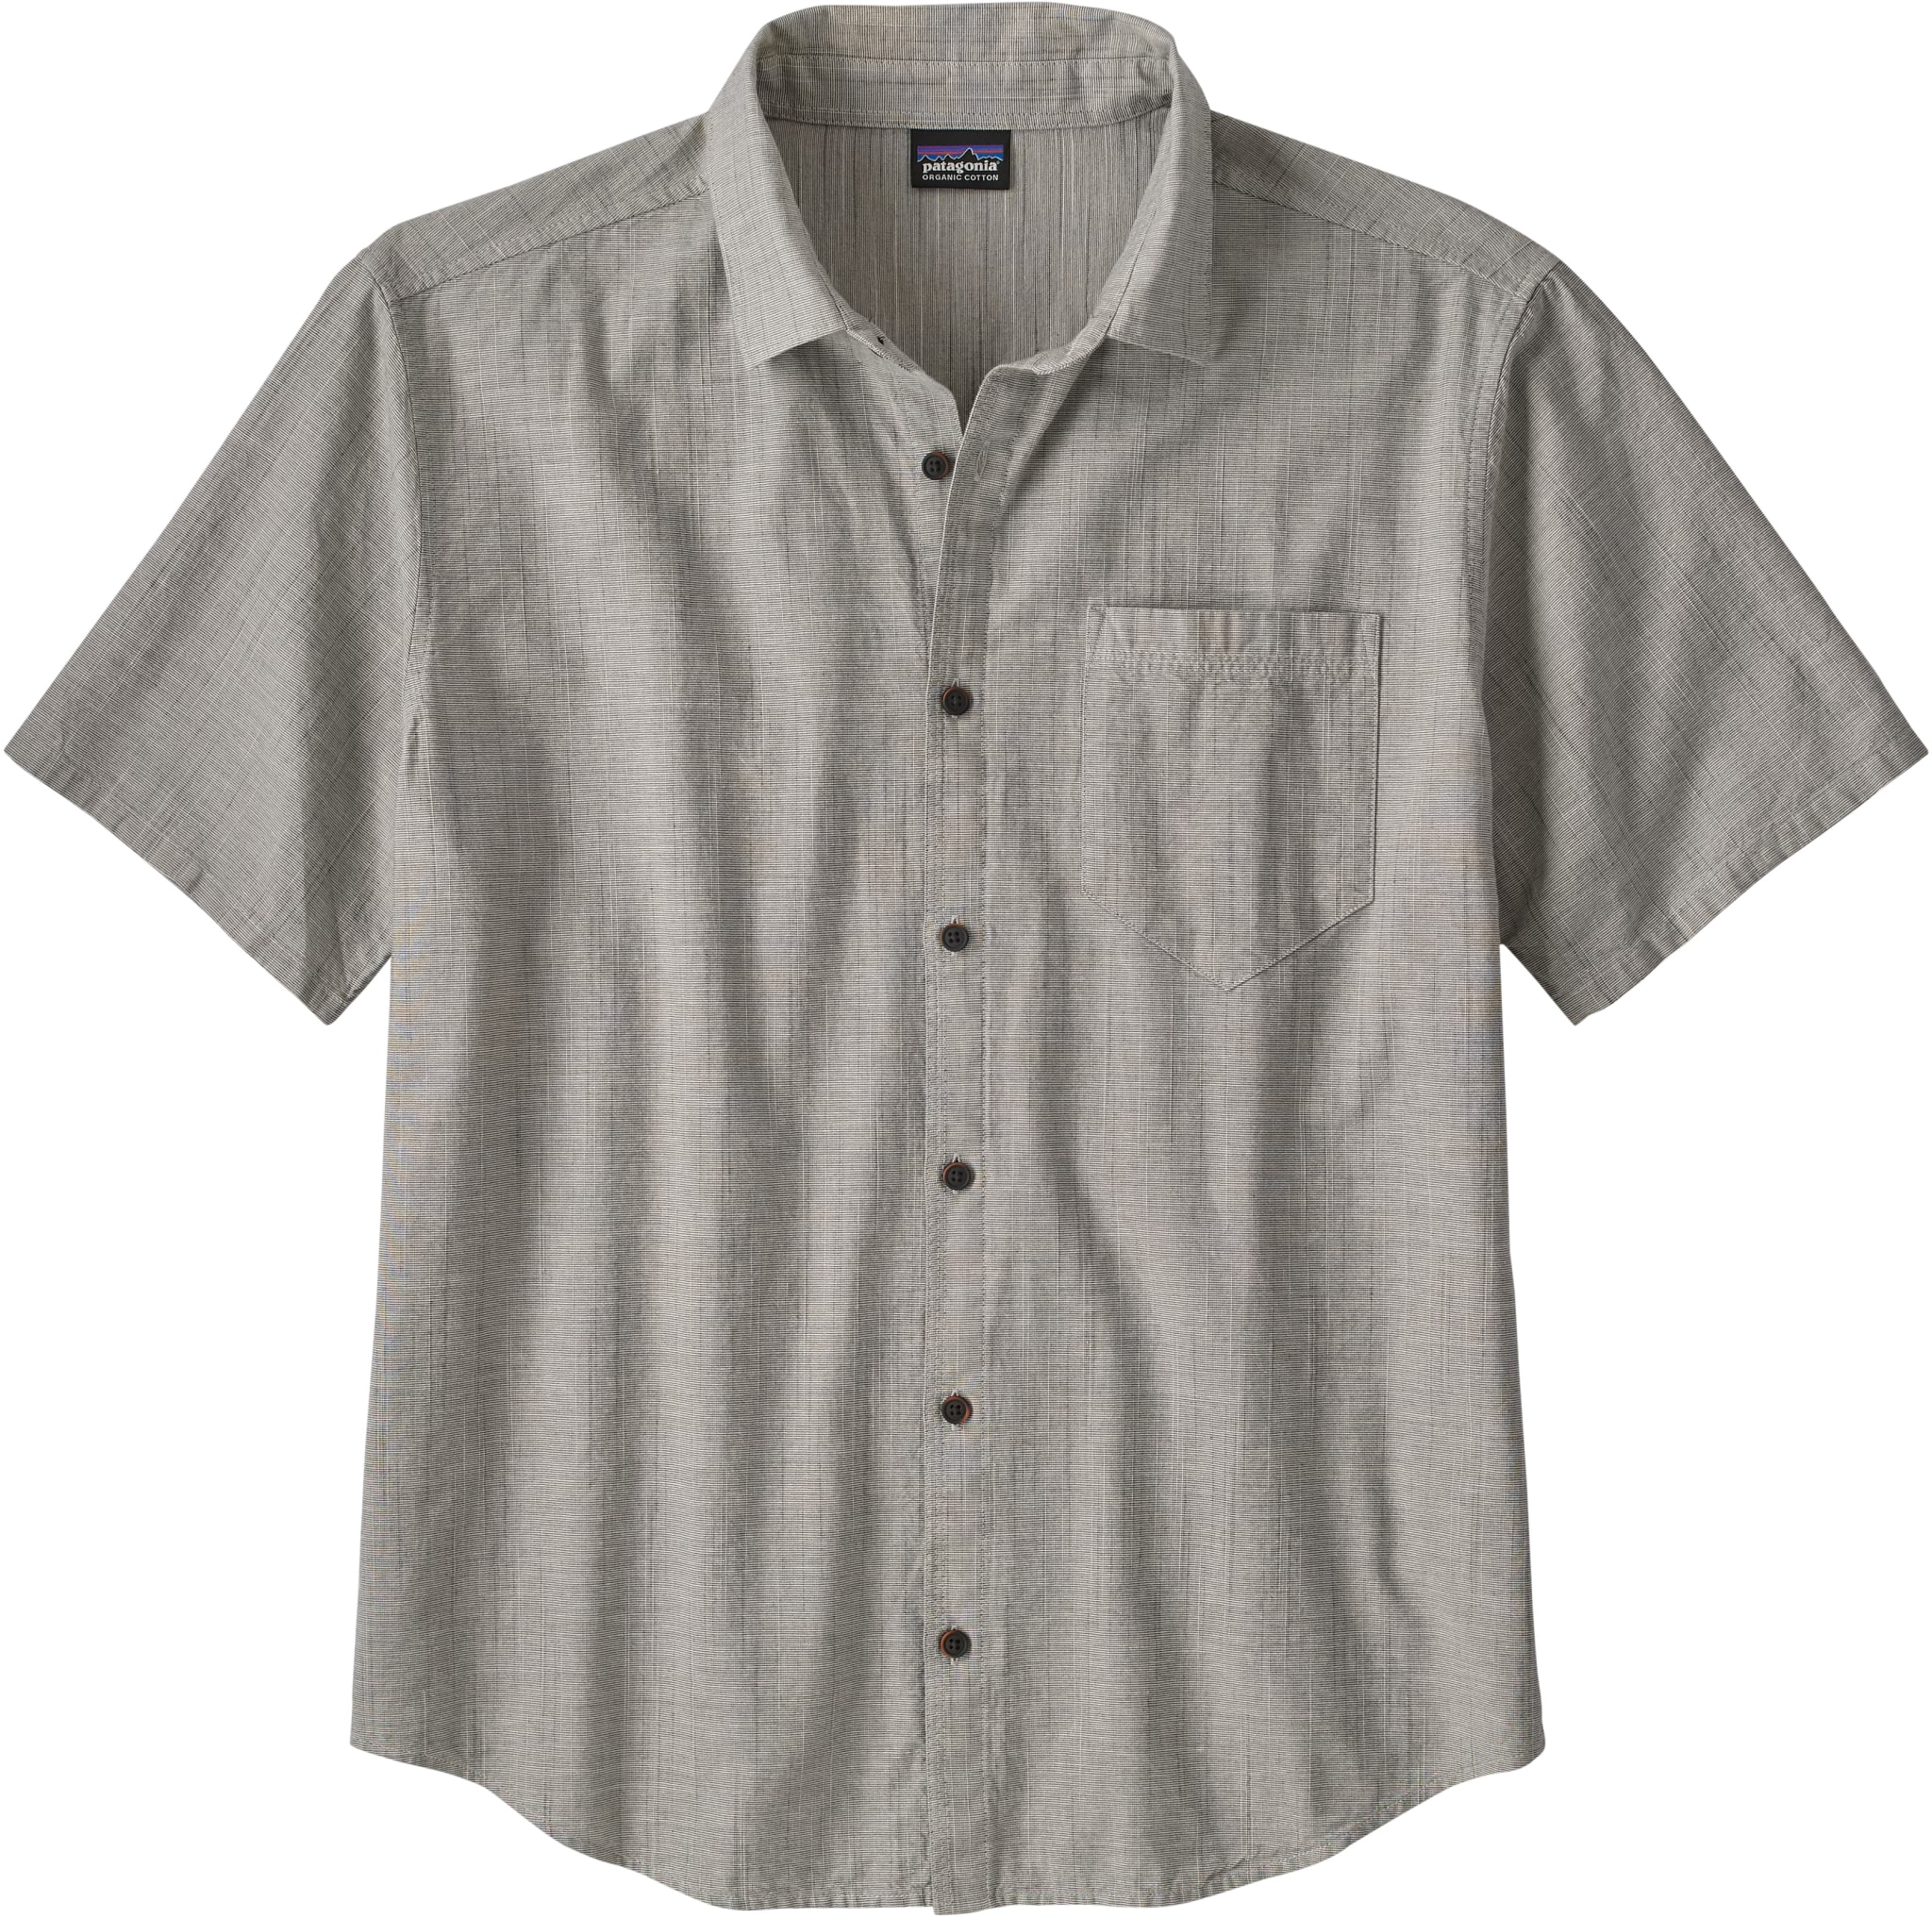 Kortermet skjorte i lett, organisk bomull